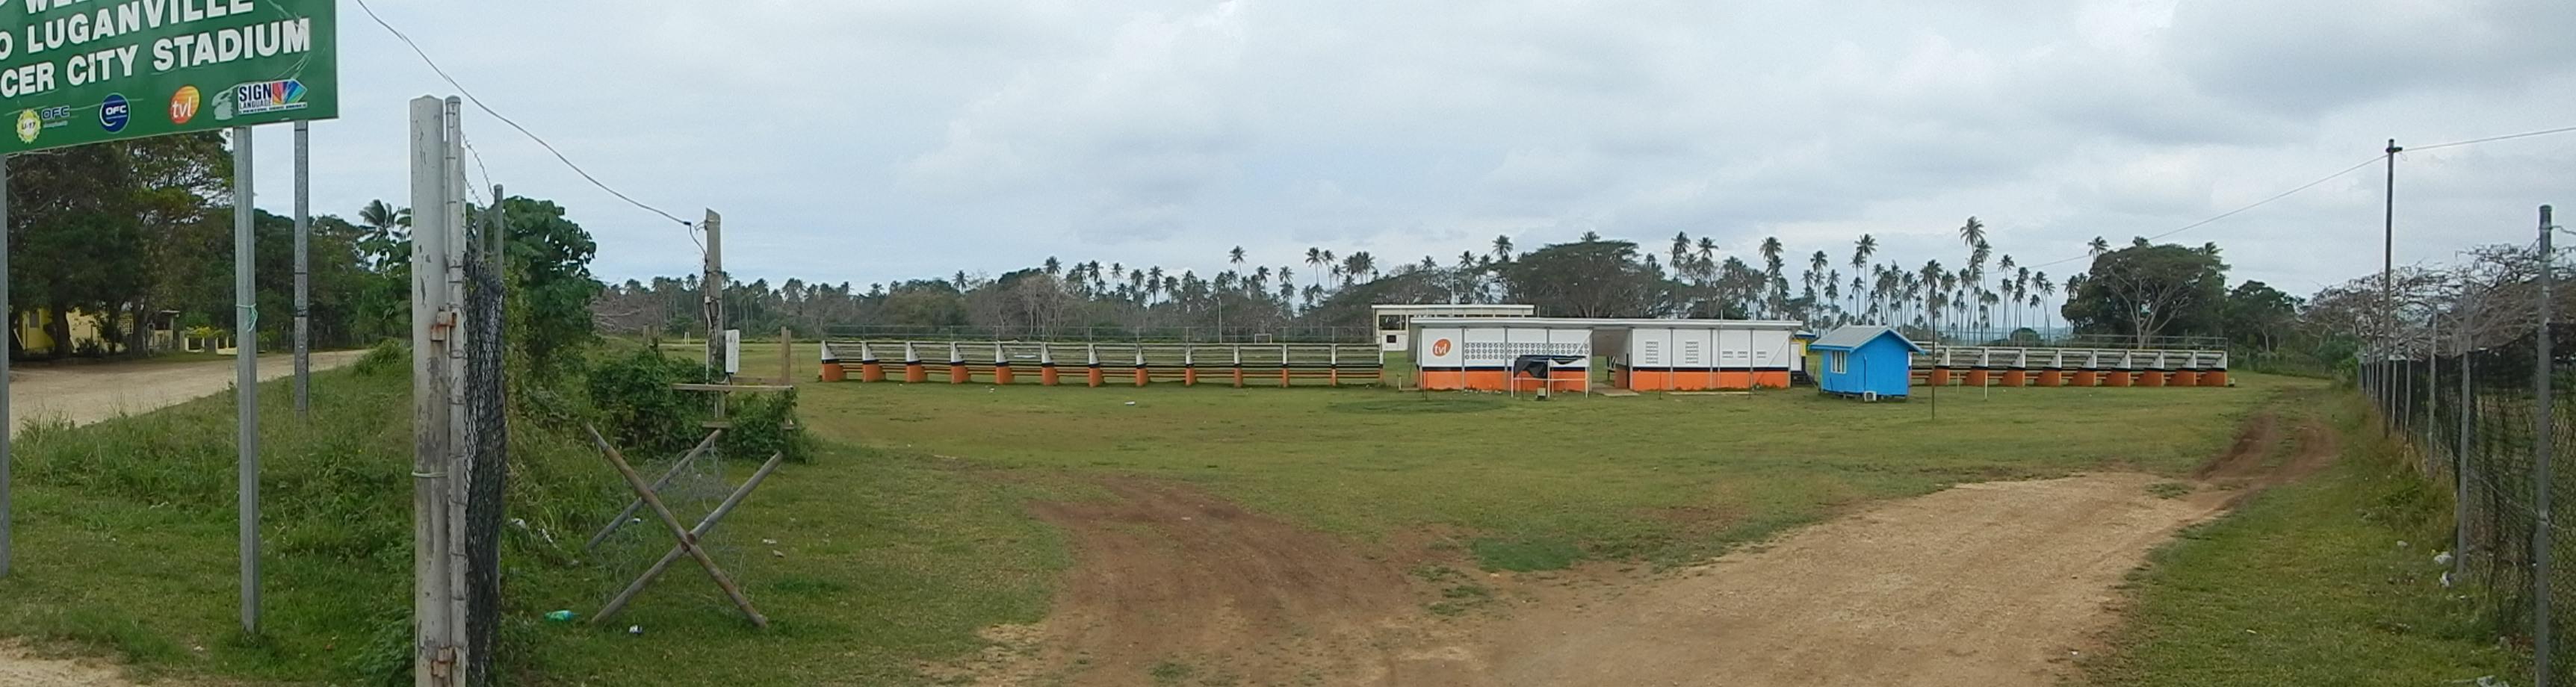 05e Luganville 107 Luganville Soccer City Stadium 3